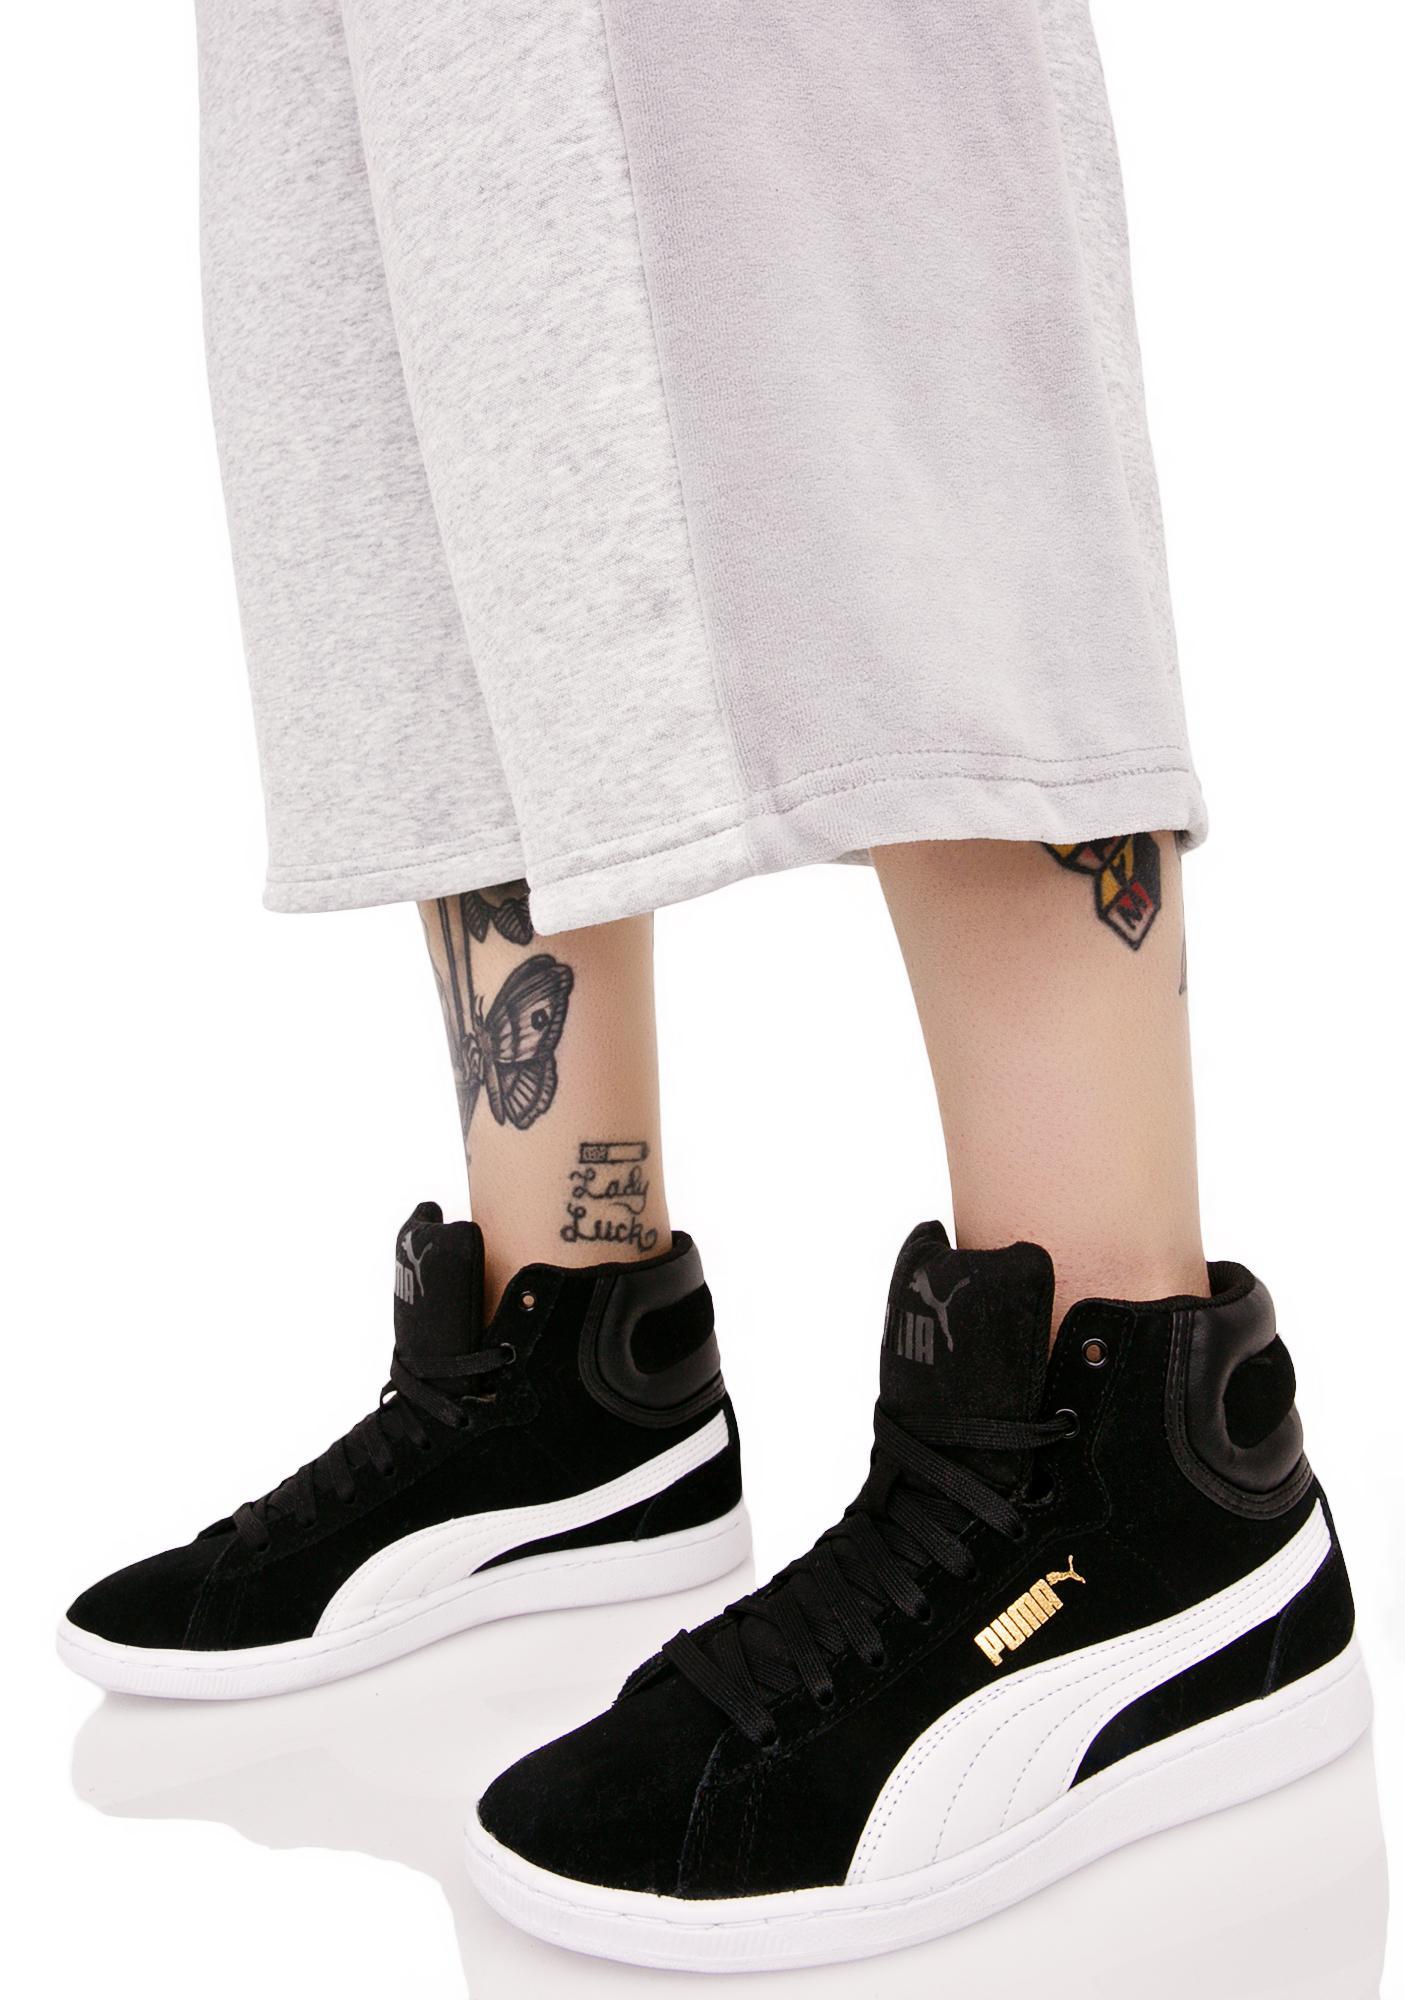 afcddc089b40b8 PUMA Vikky Mid Sneakers